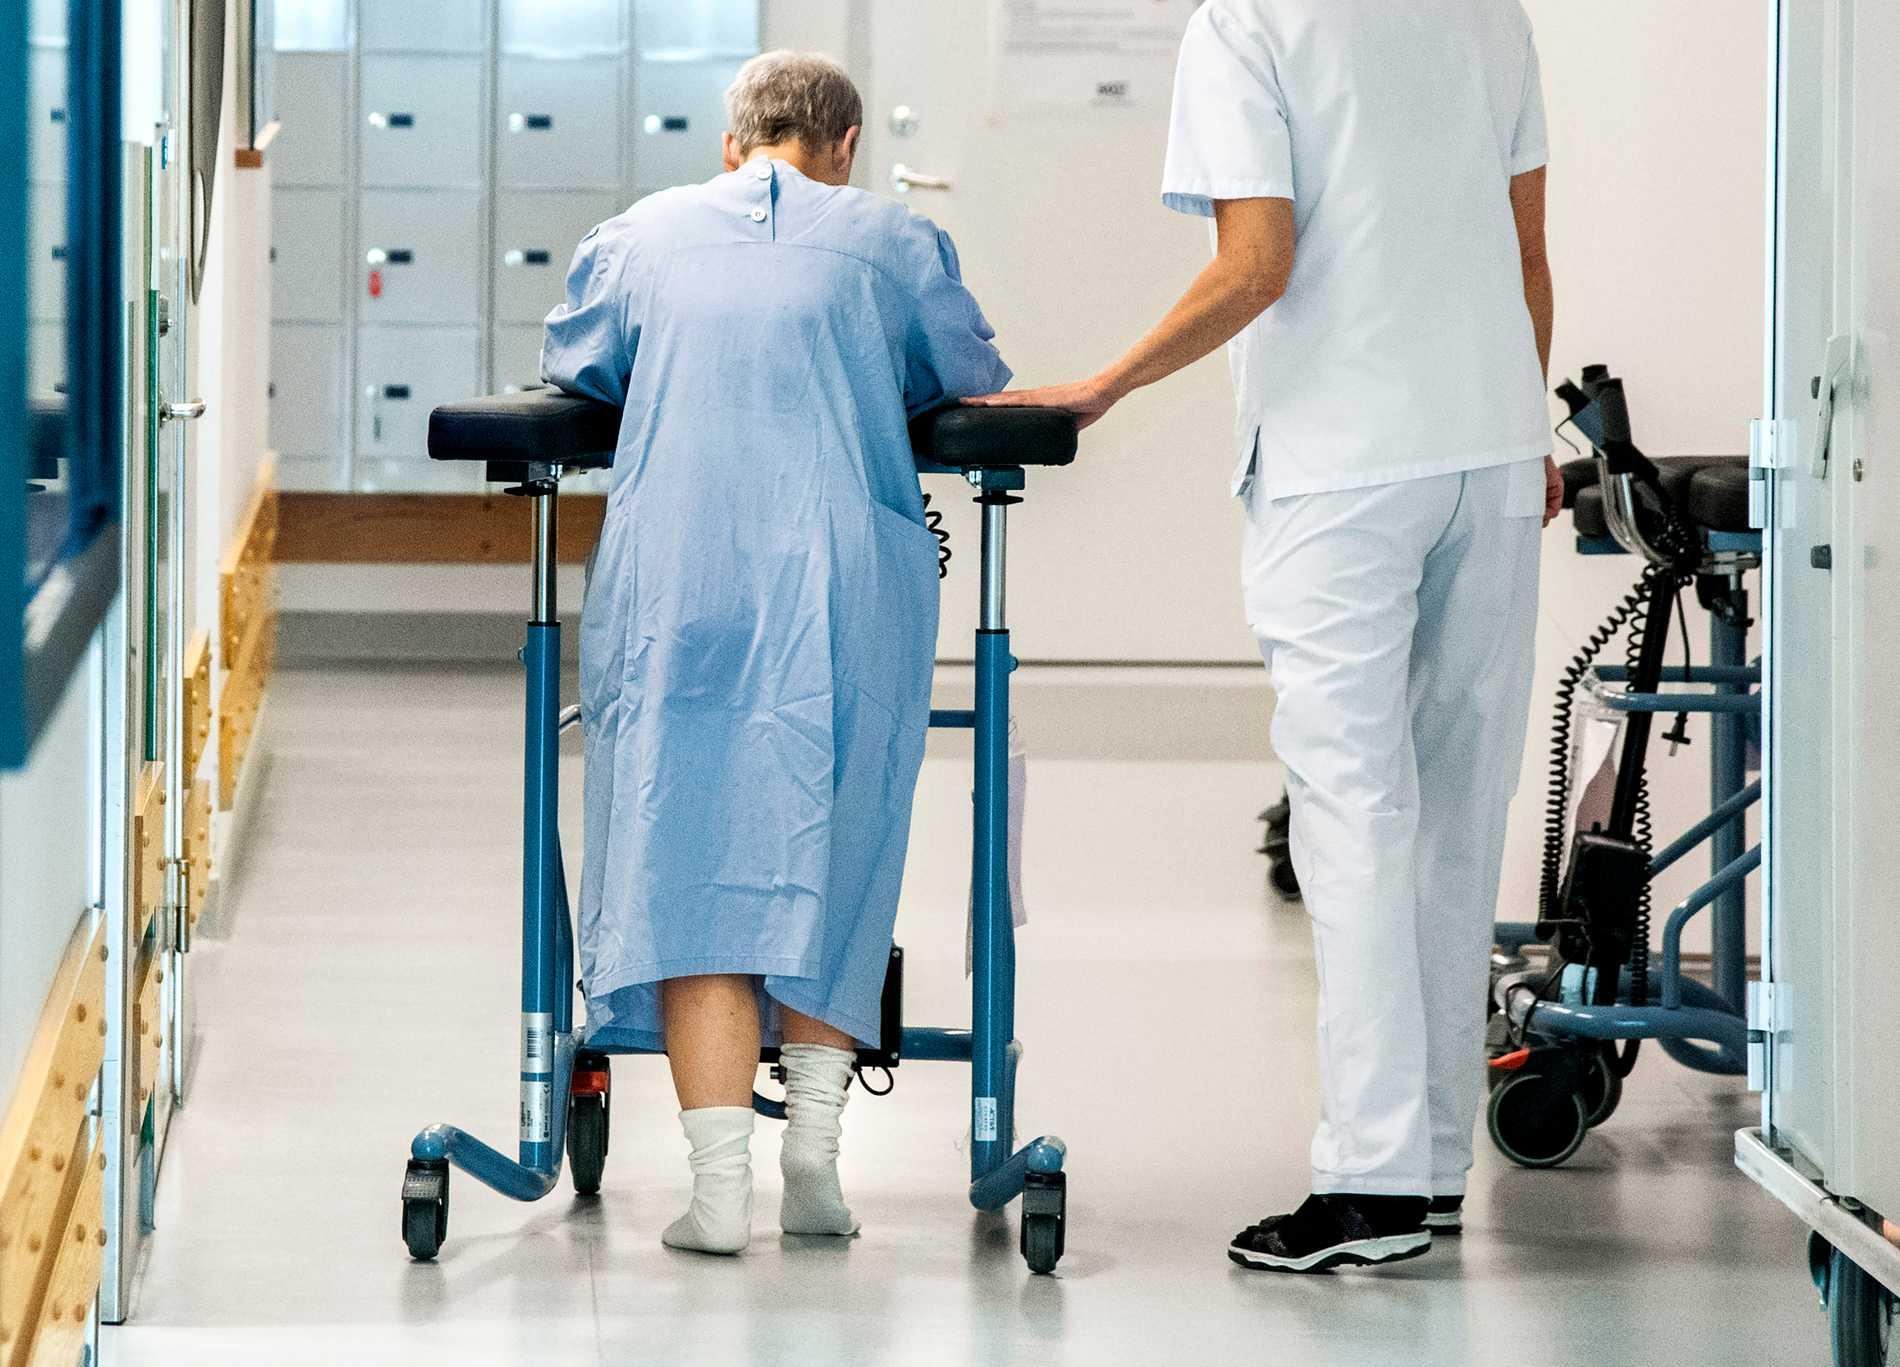 Privata vårdbolag kräver regeringen på besked